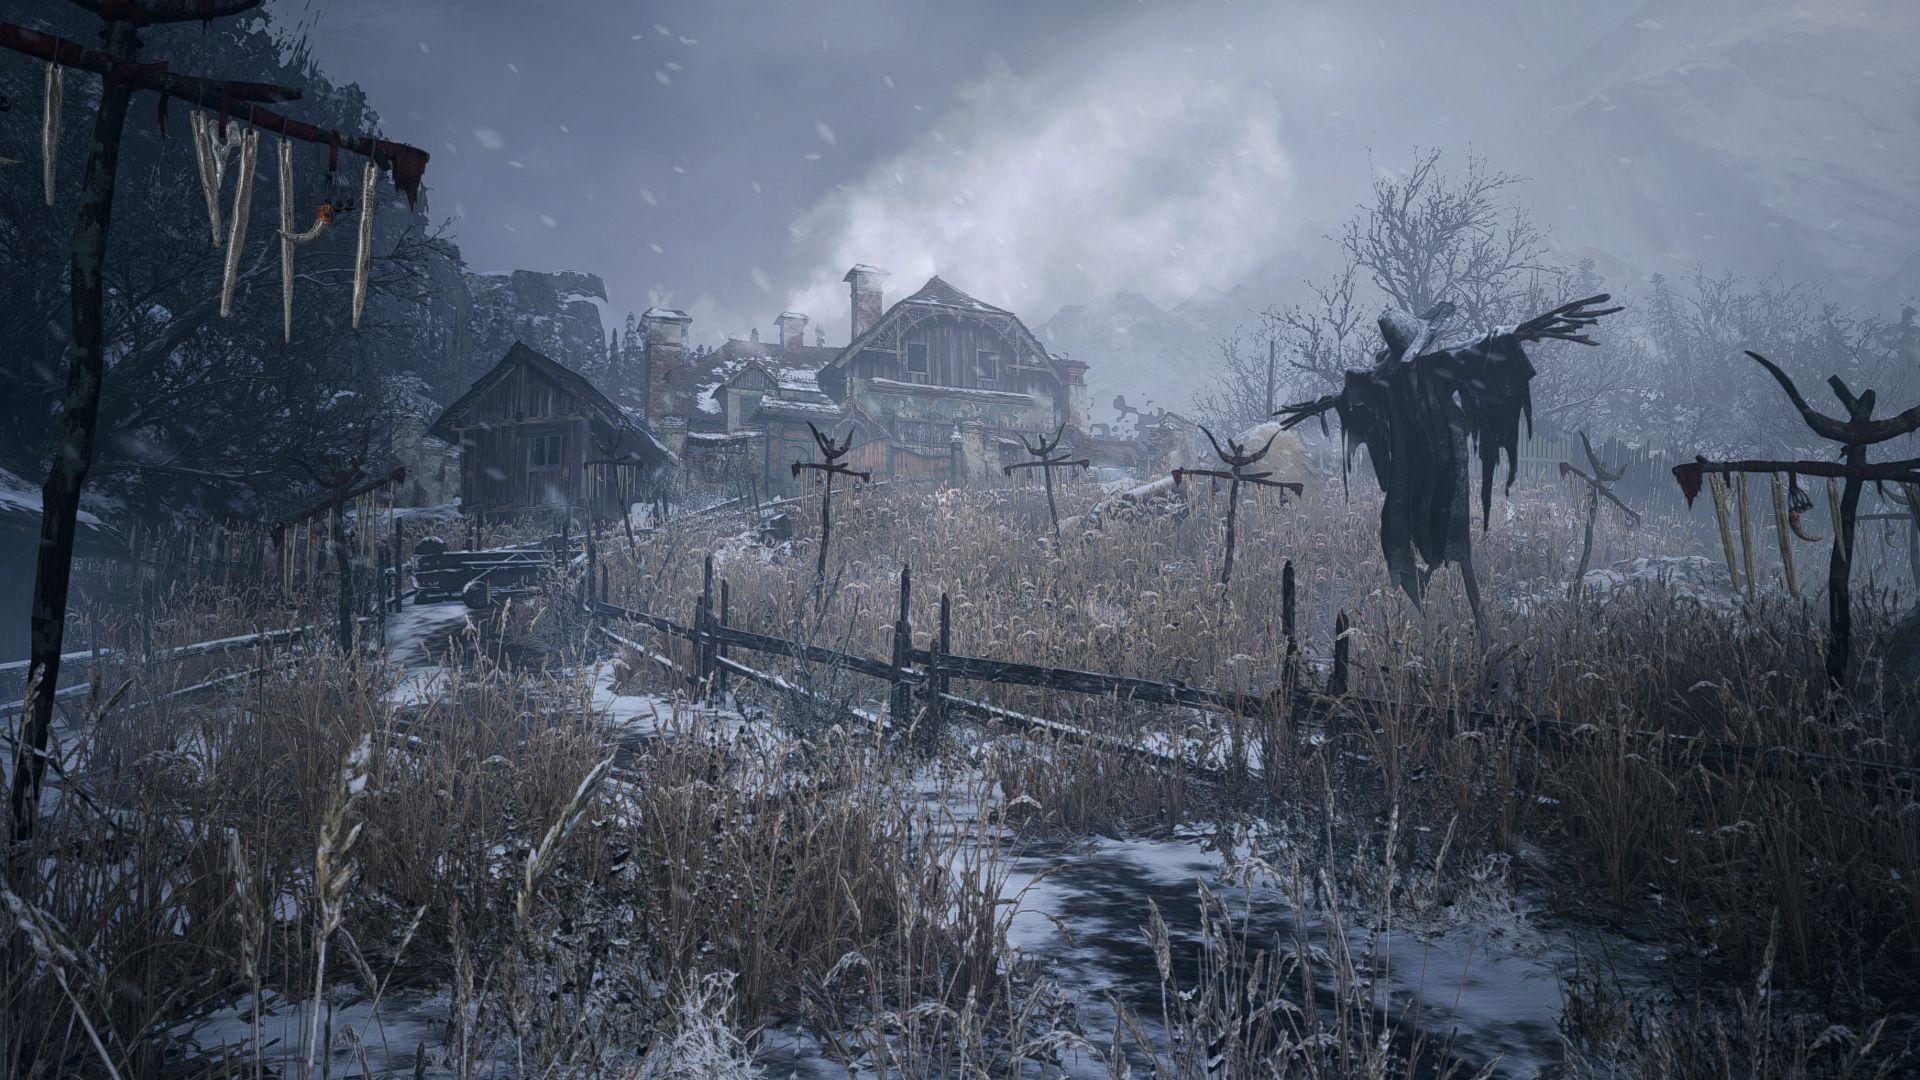 Resident Evil Village update, Gameplay, Developer's Insight Revealed